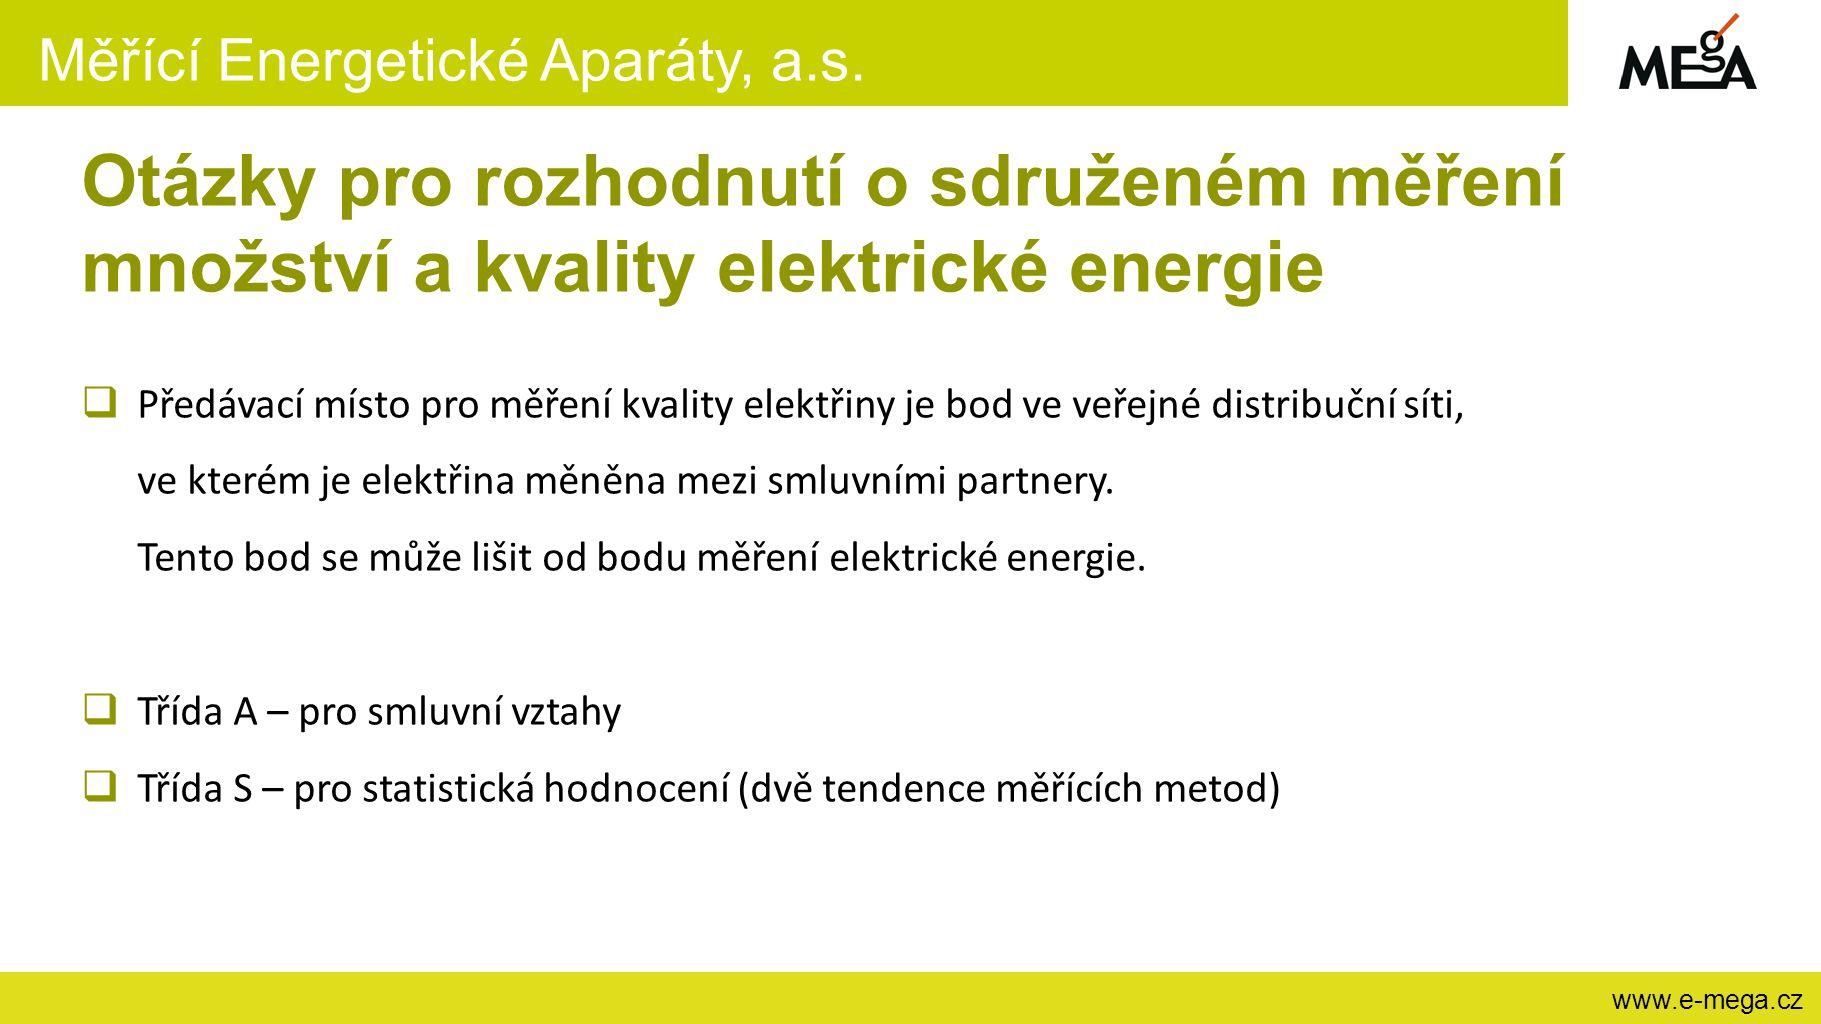 Měřící Energetické Aparáty, a.s. www.e-mega.cz Otázky pro rozhodnutí o sdruženém měření množství a kvality elektrické energie  Předávací místo pro mě